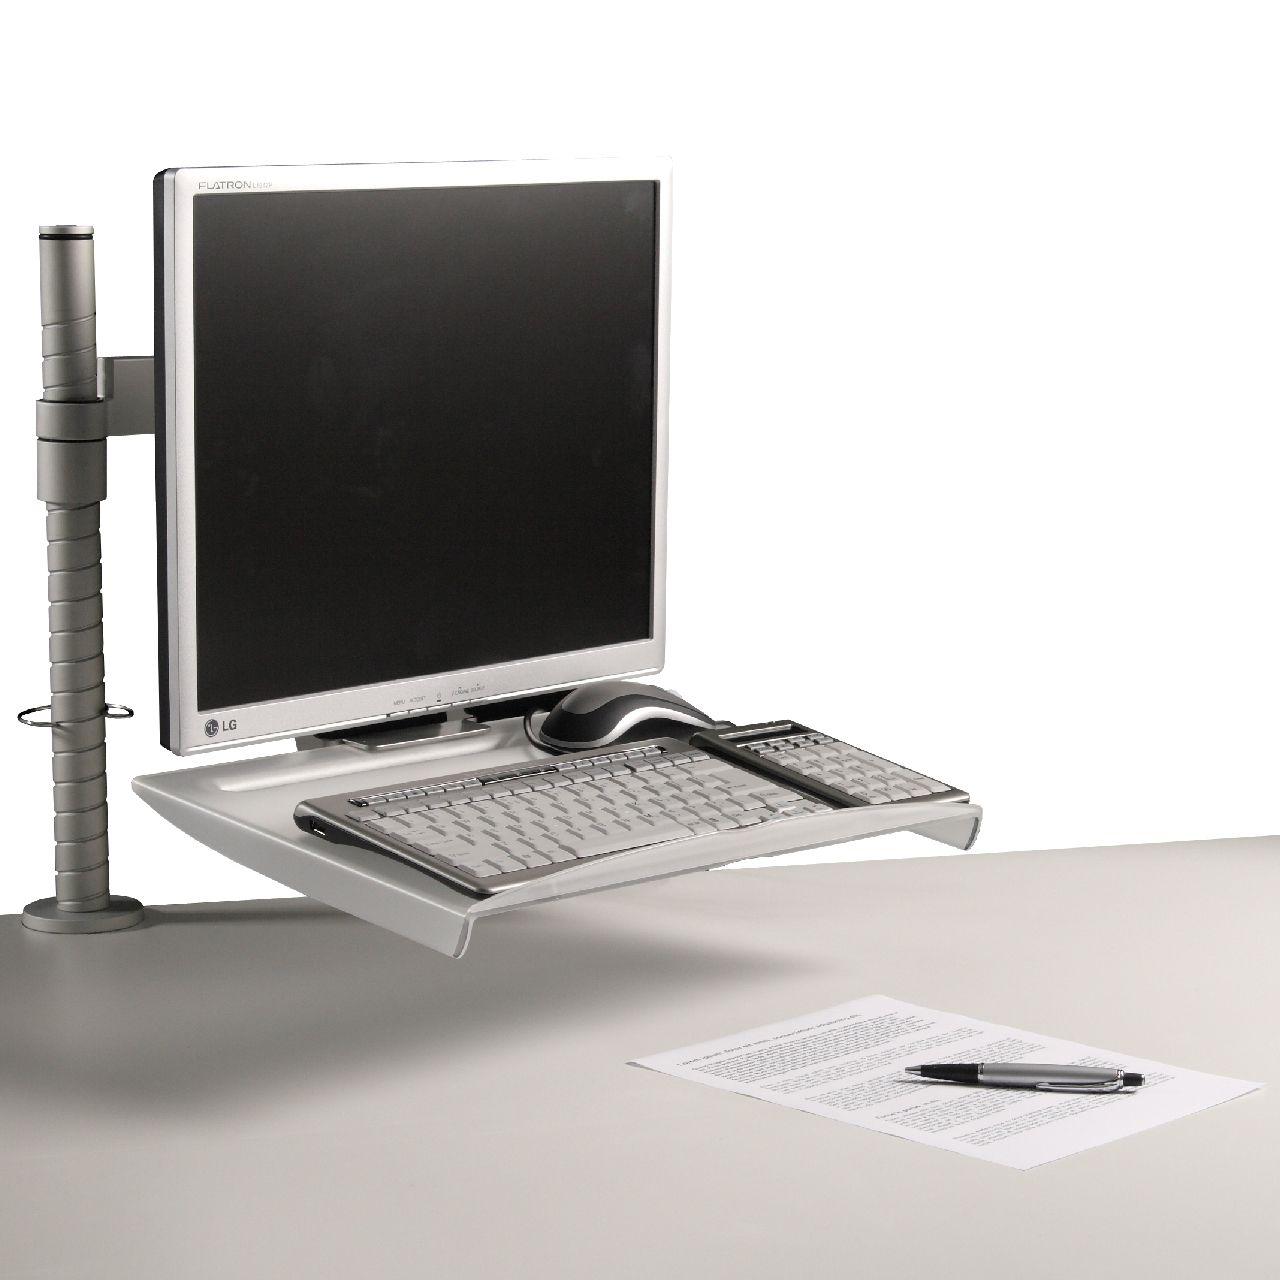 cleandoc documentenhouder ERKACLDOC01  Voorkant